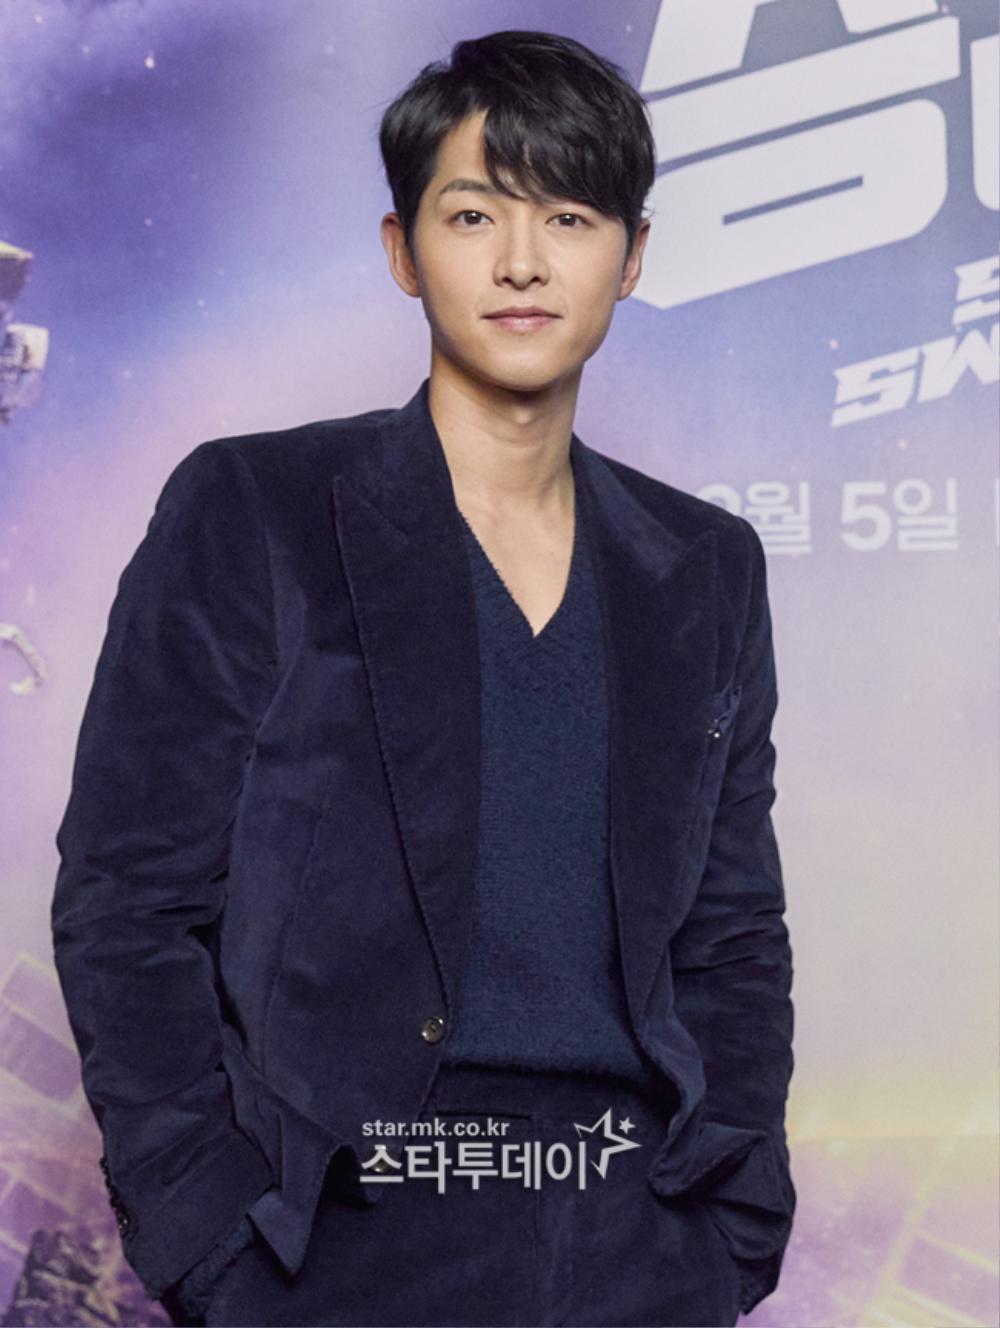 Song Joong Ki kém sắc bên 'tình mới' tại họp báo, Song Hye Kyo trẻ đẹp như gái đôi mươi hậu ly hôn! Ảnh 7